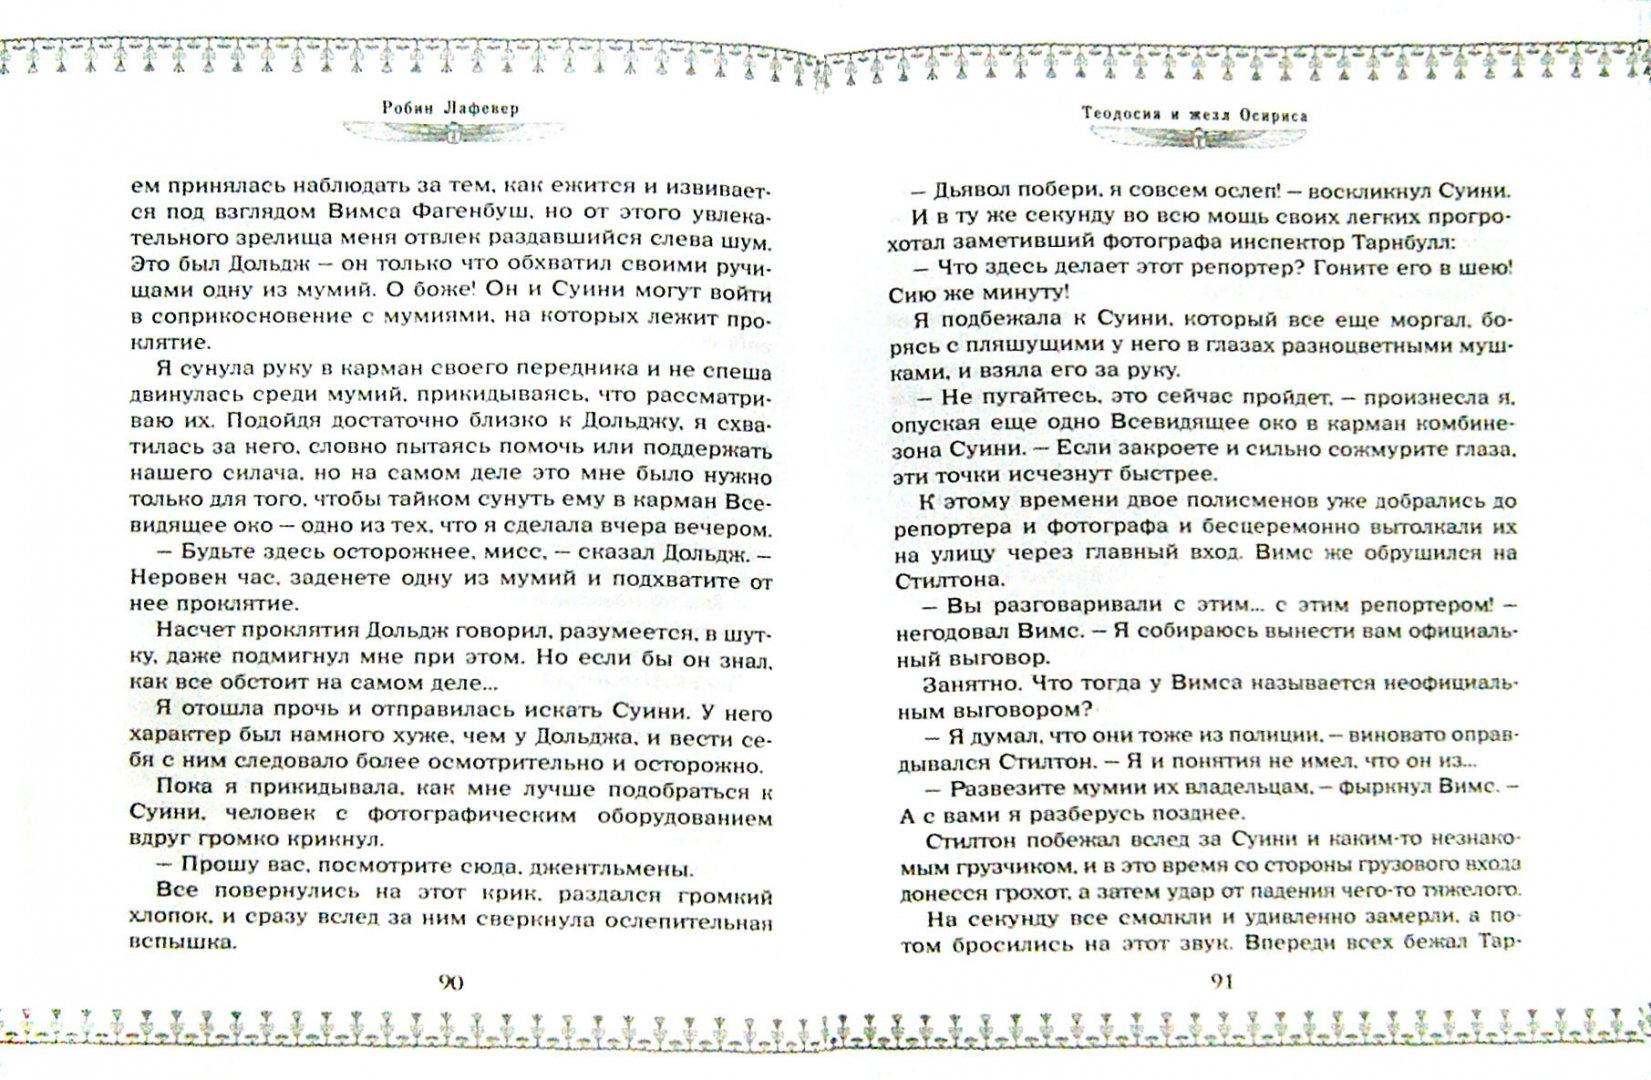 Иллюстрация 1 из 41 для Теодосия и жезл Осириса - Робин Лафевер | Лабиринт - книги. Источник: Лабиринт